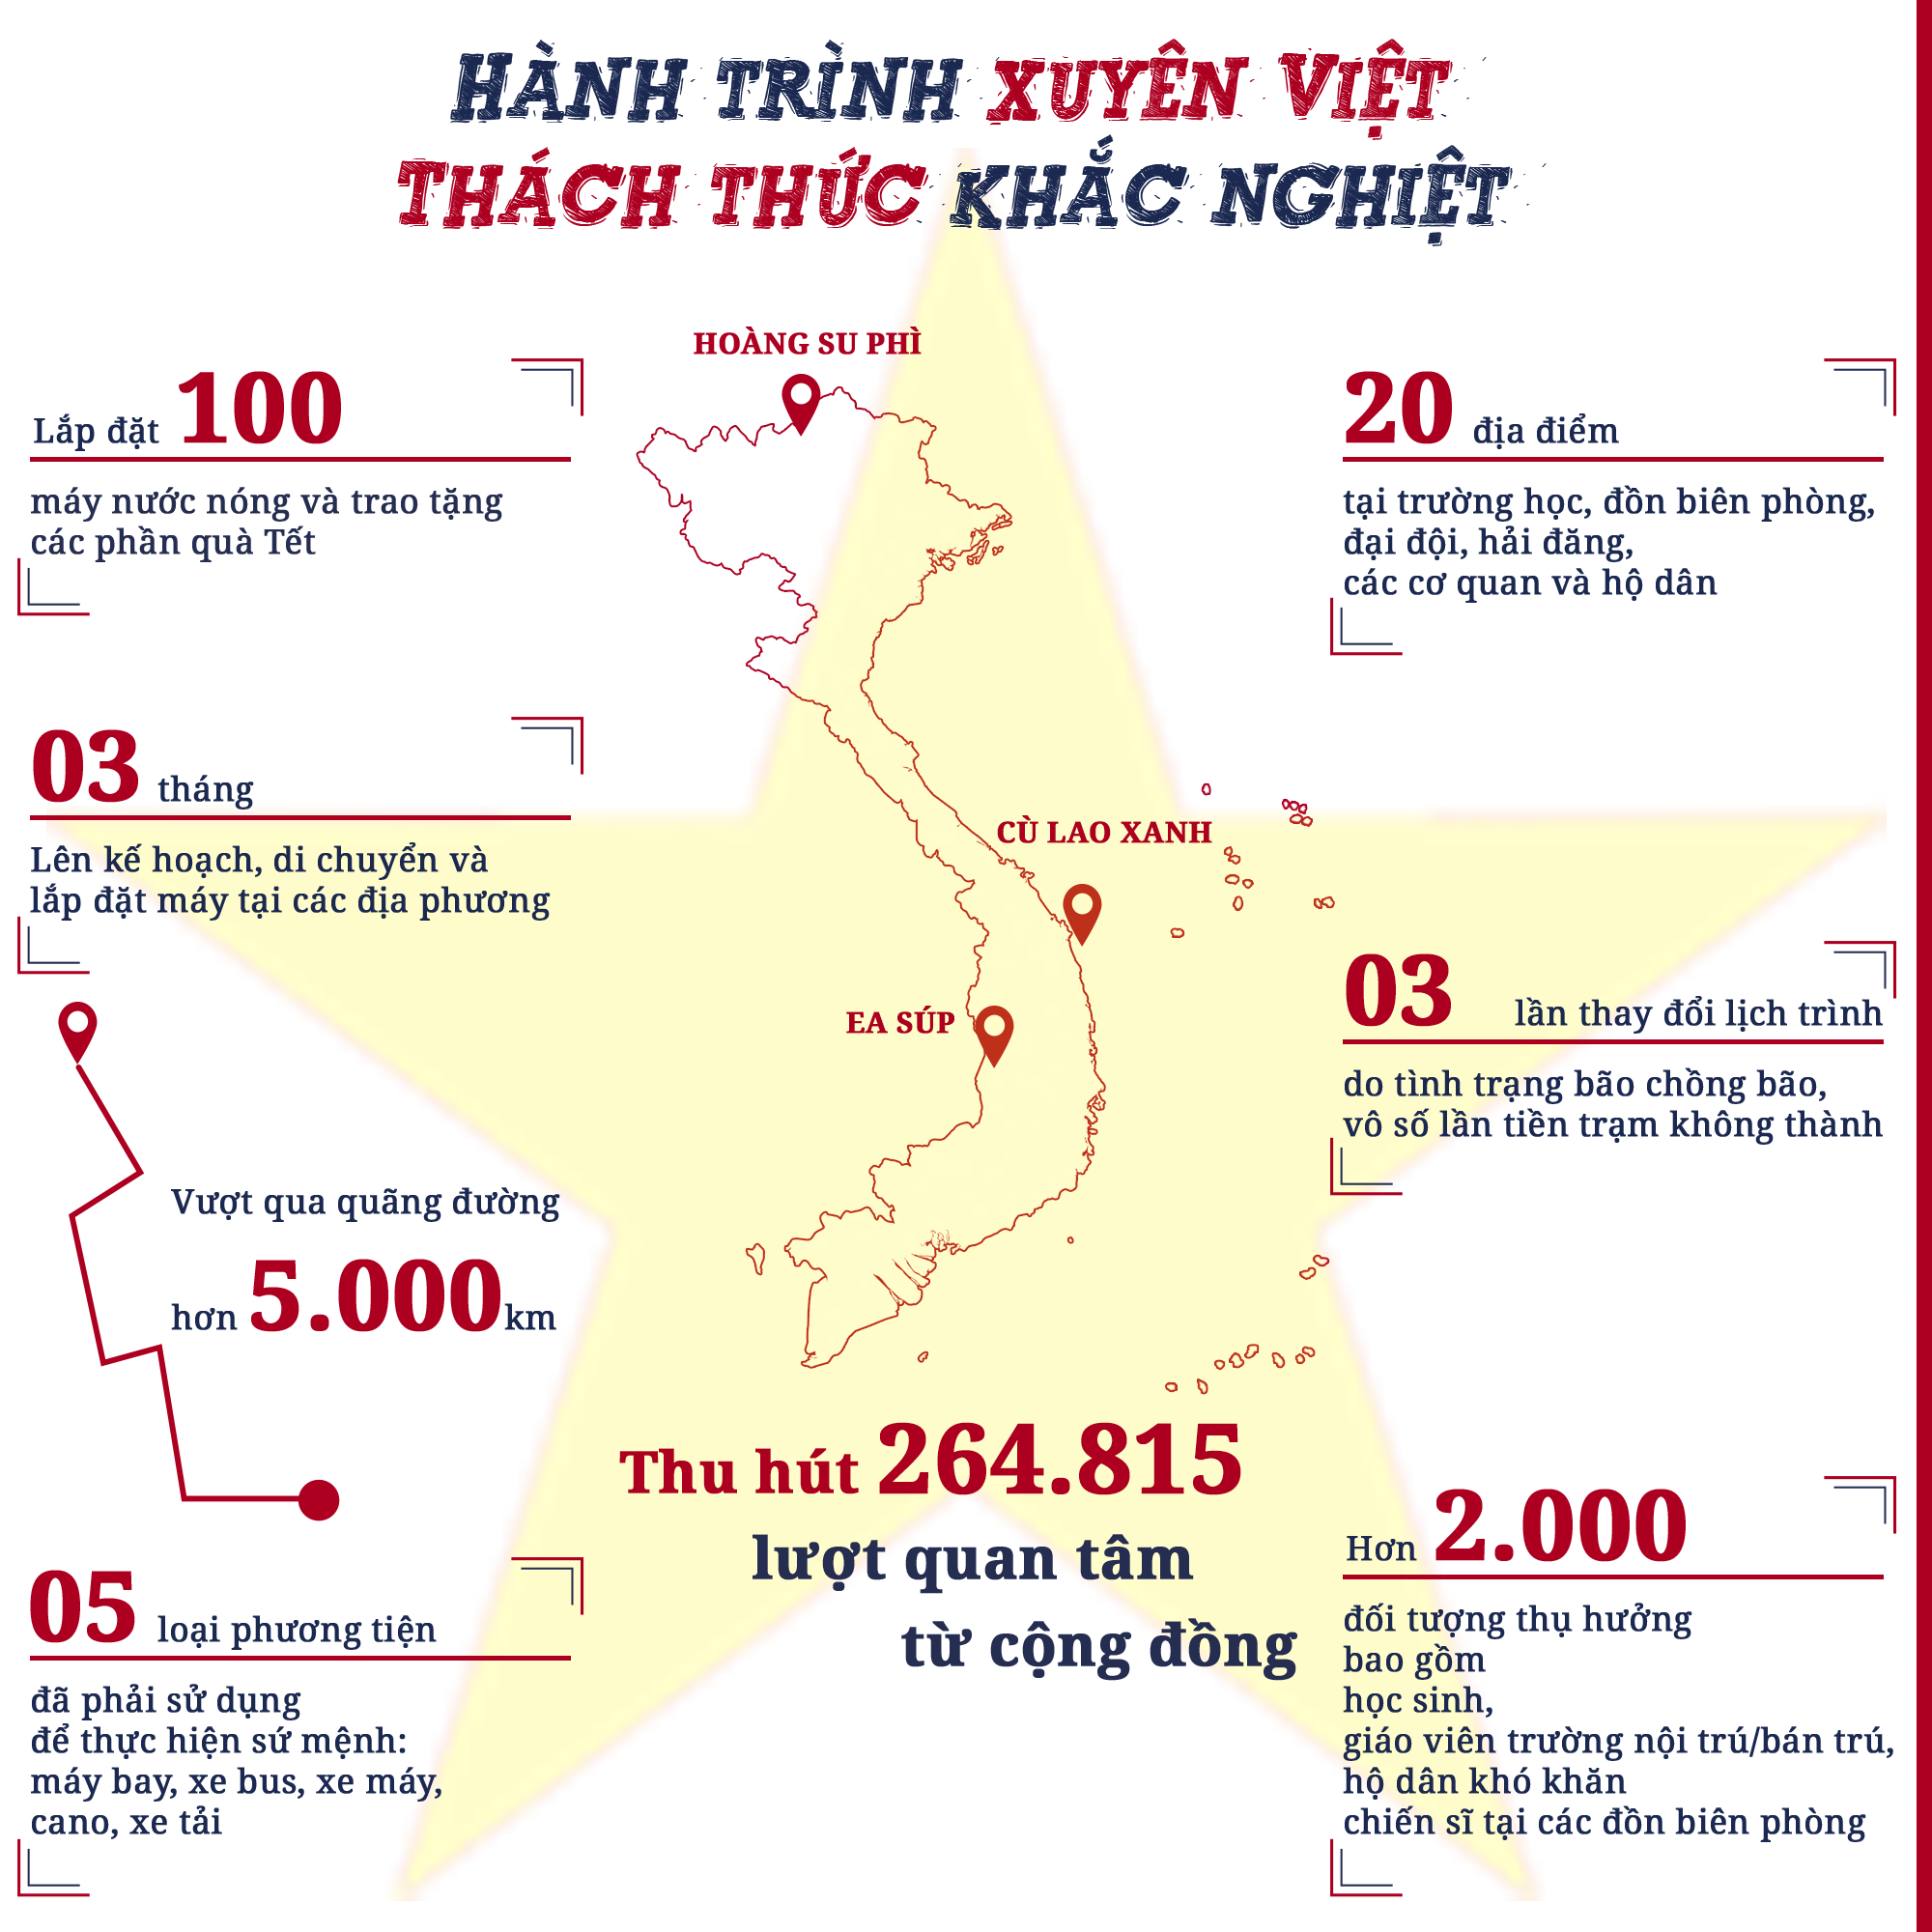 Những con số ấn tượng của Ariston và hành trình mang lại sự thoải mái cho mỗi người dân tại Việt Nam - Ảnh 4.